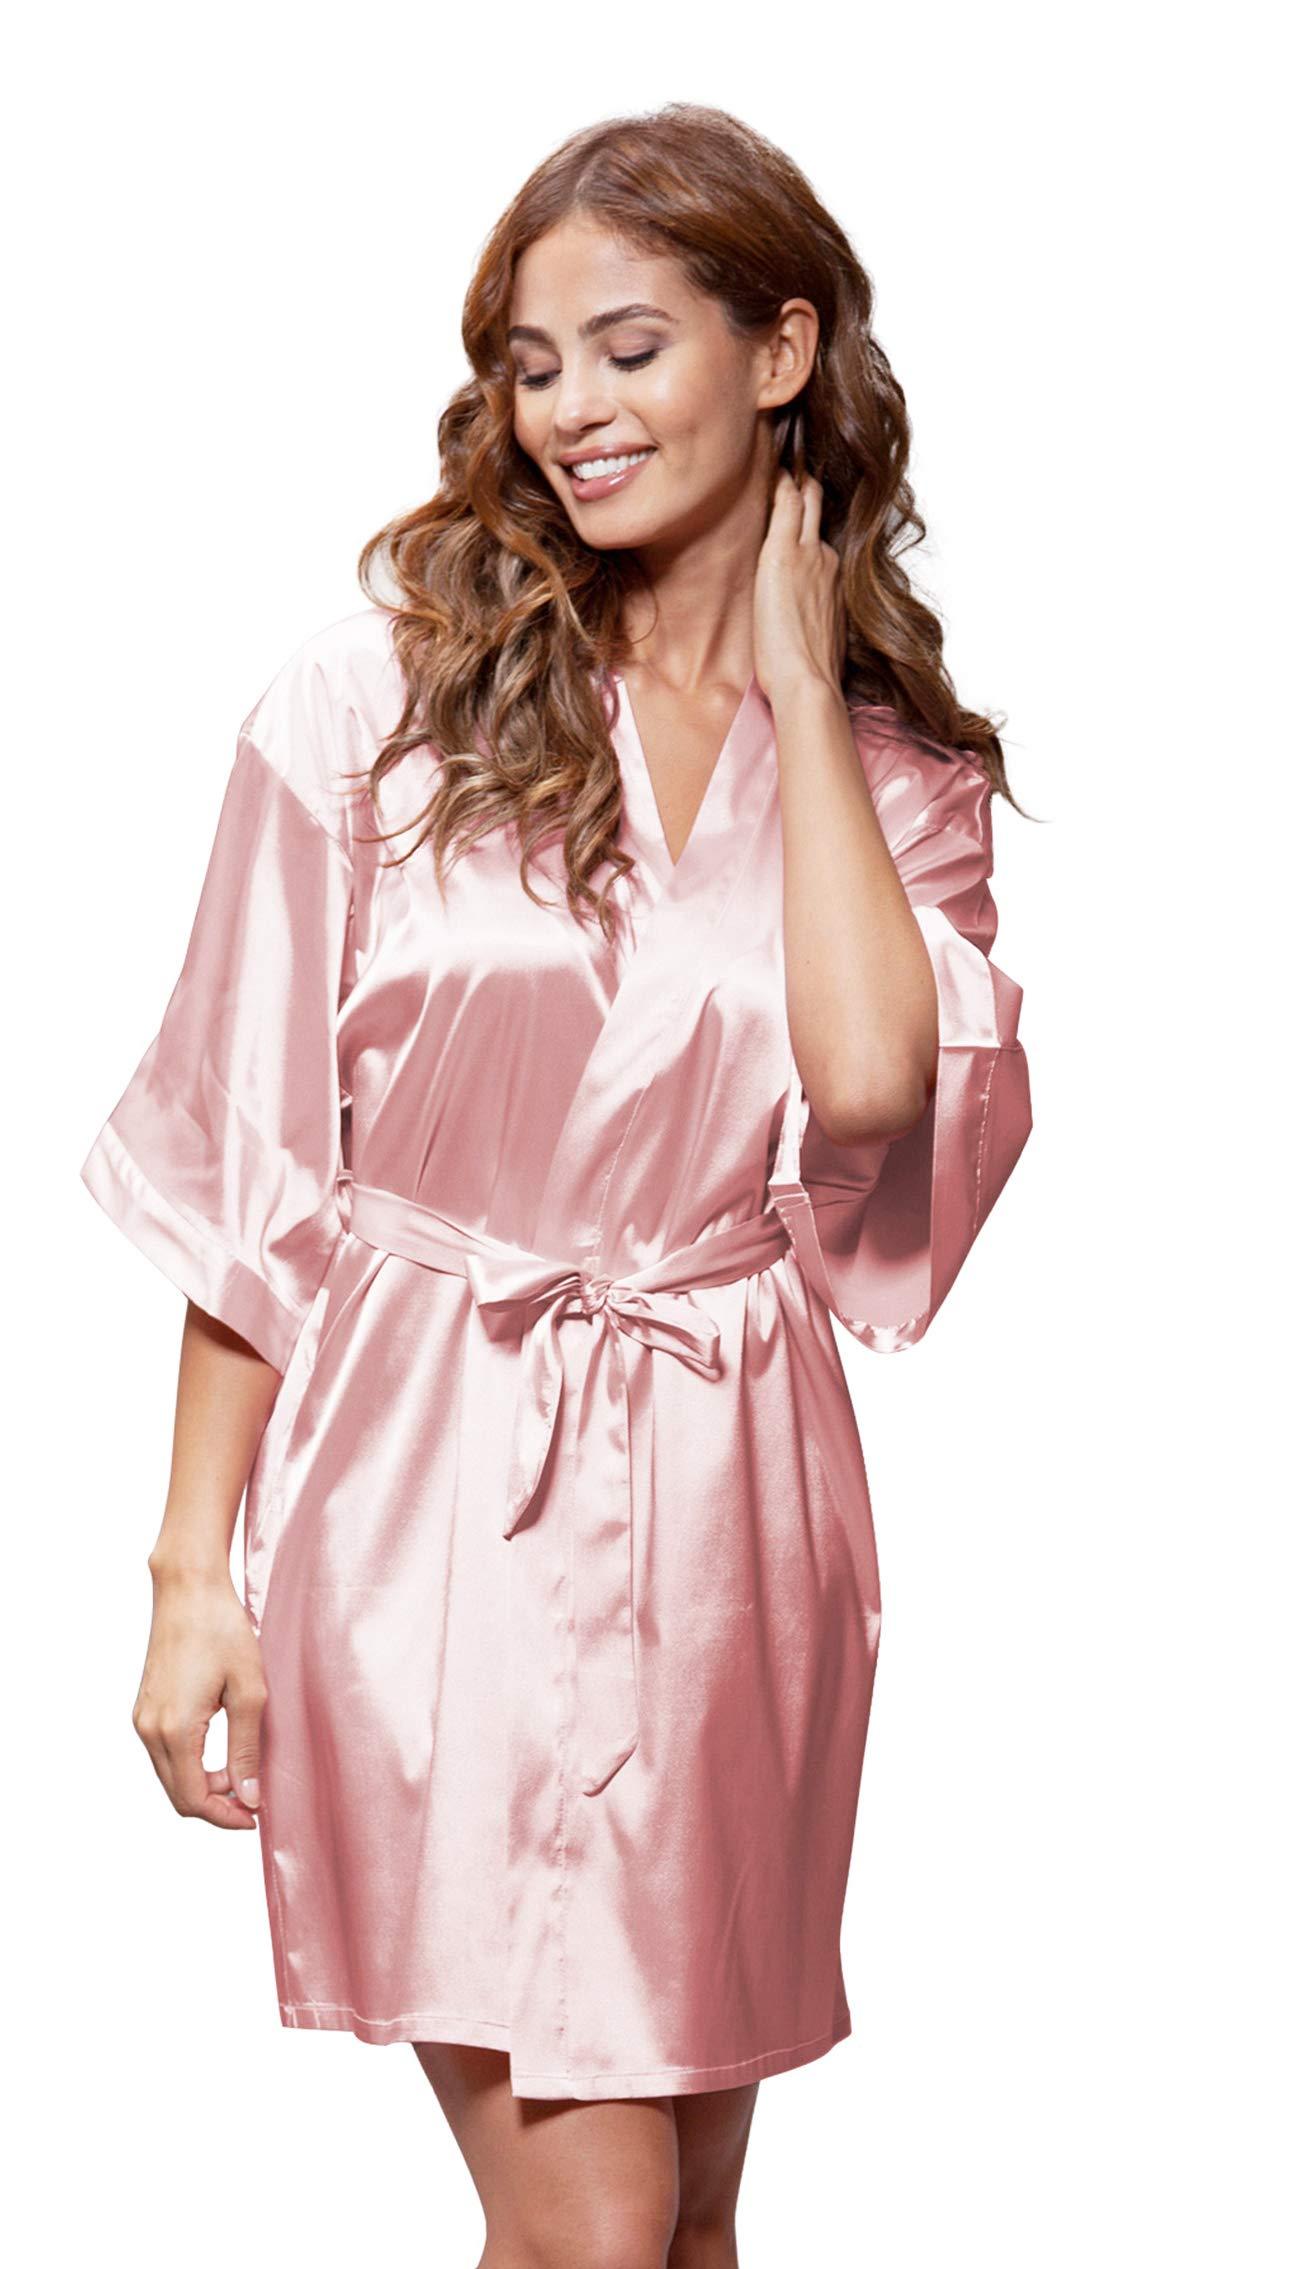 Women/'s Pure Color Satin Short Kimono Bridesmaids Lingerie Robes